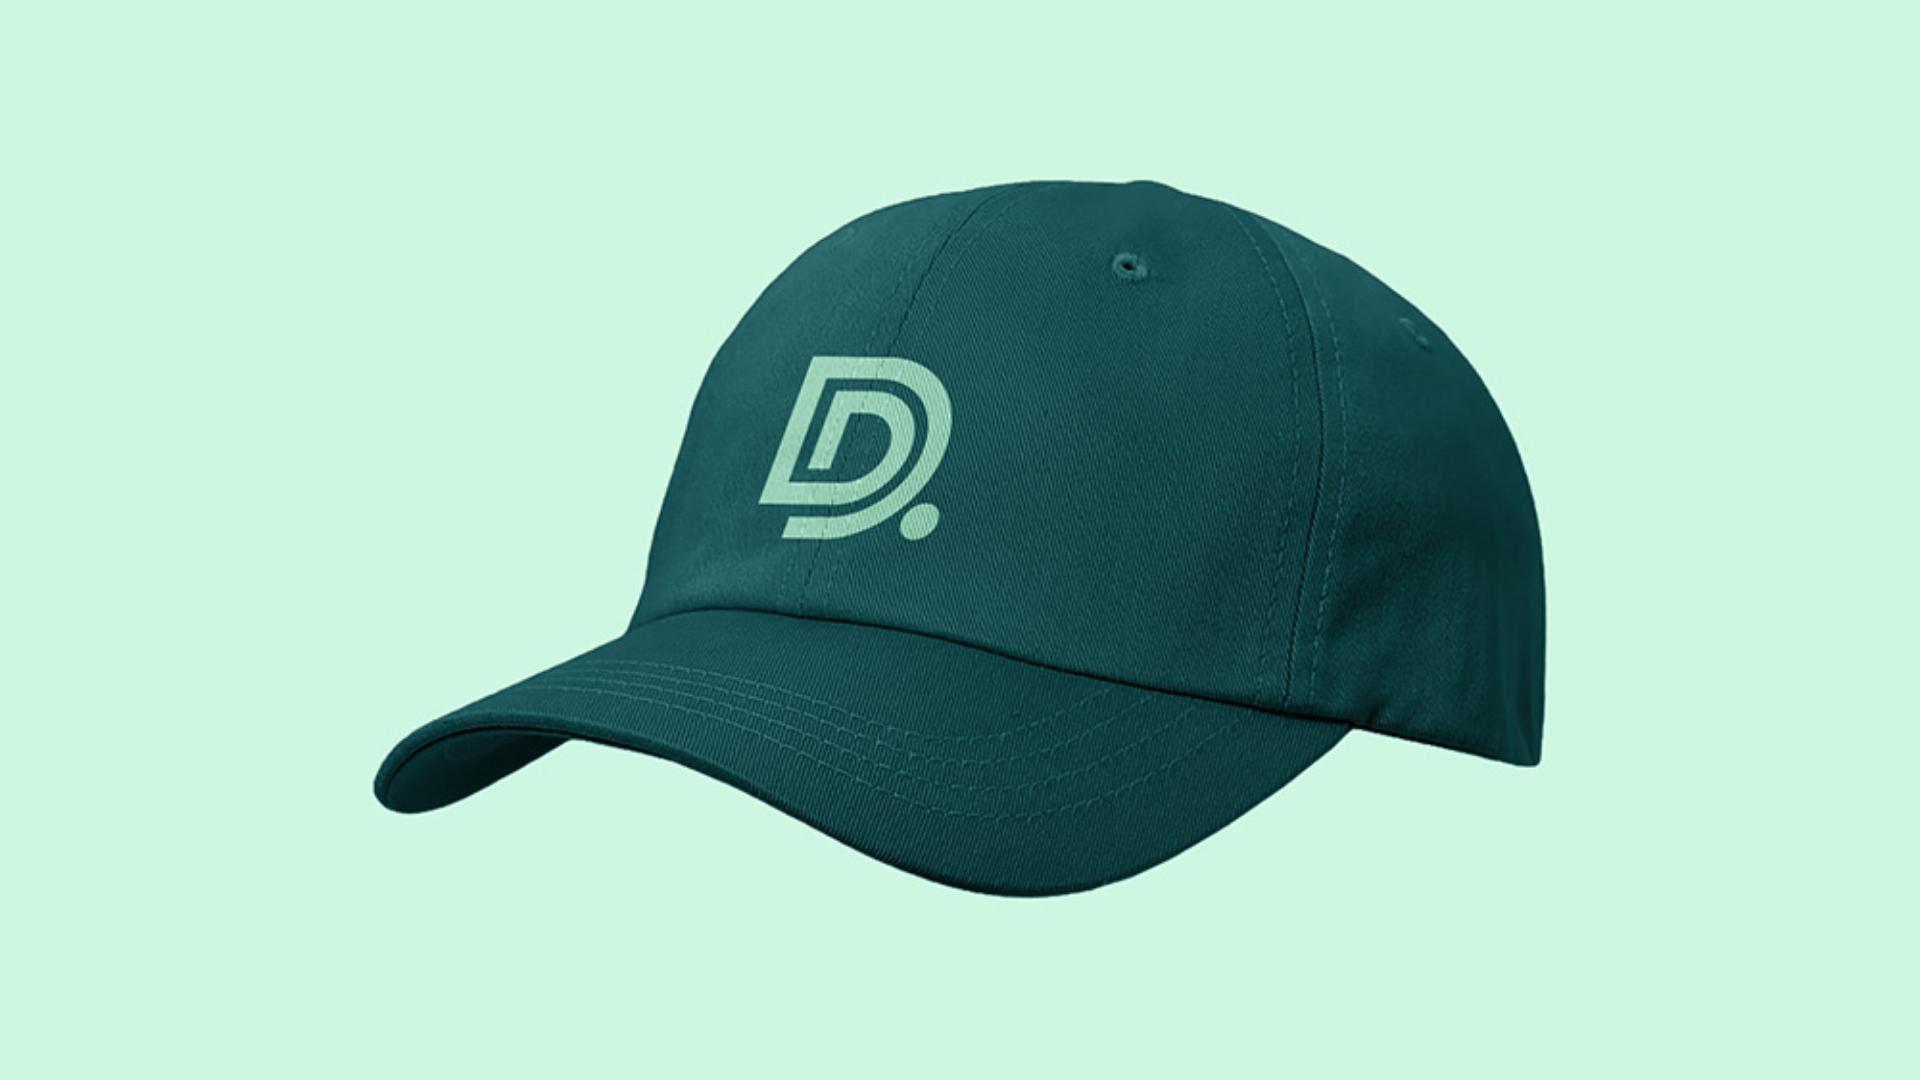 ddot_hat.jpg